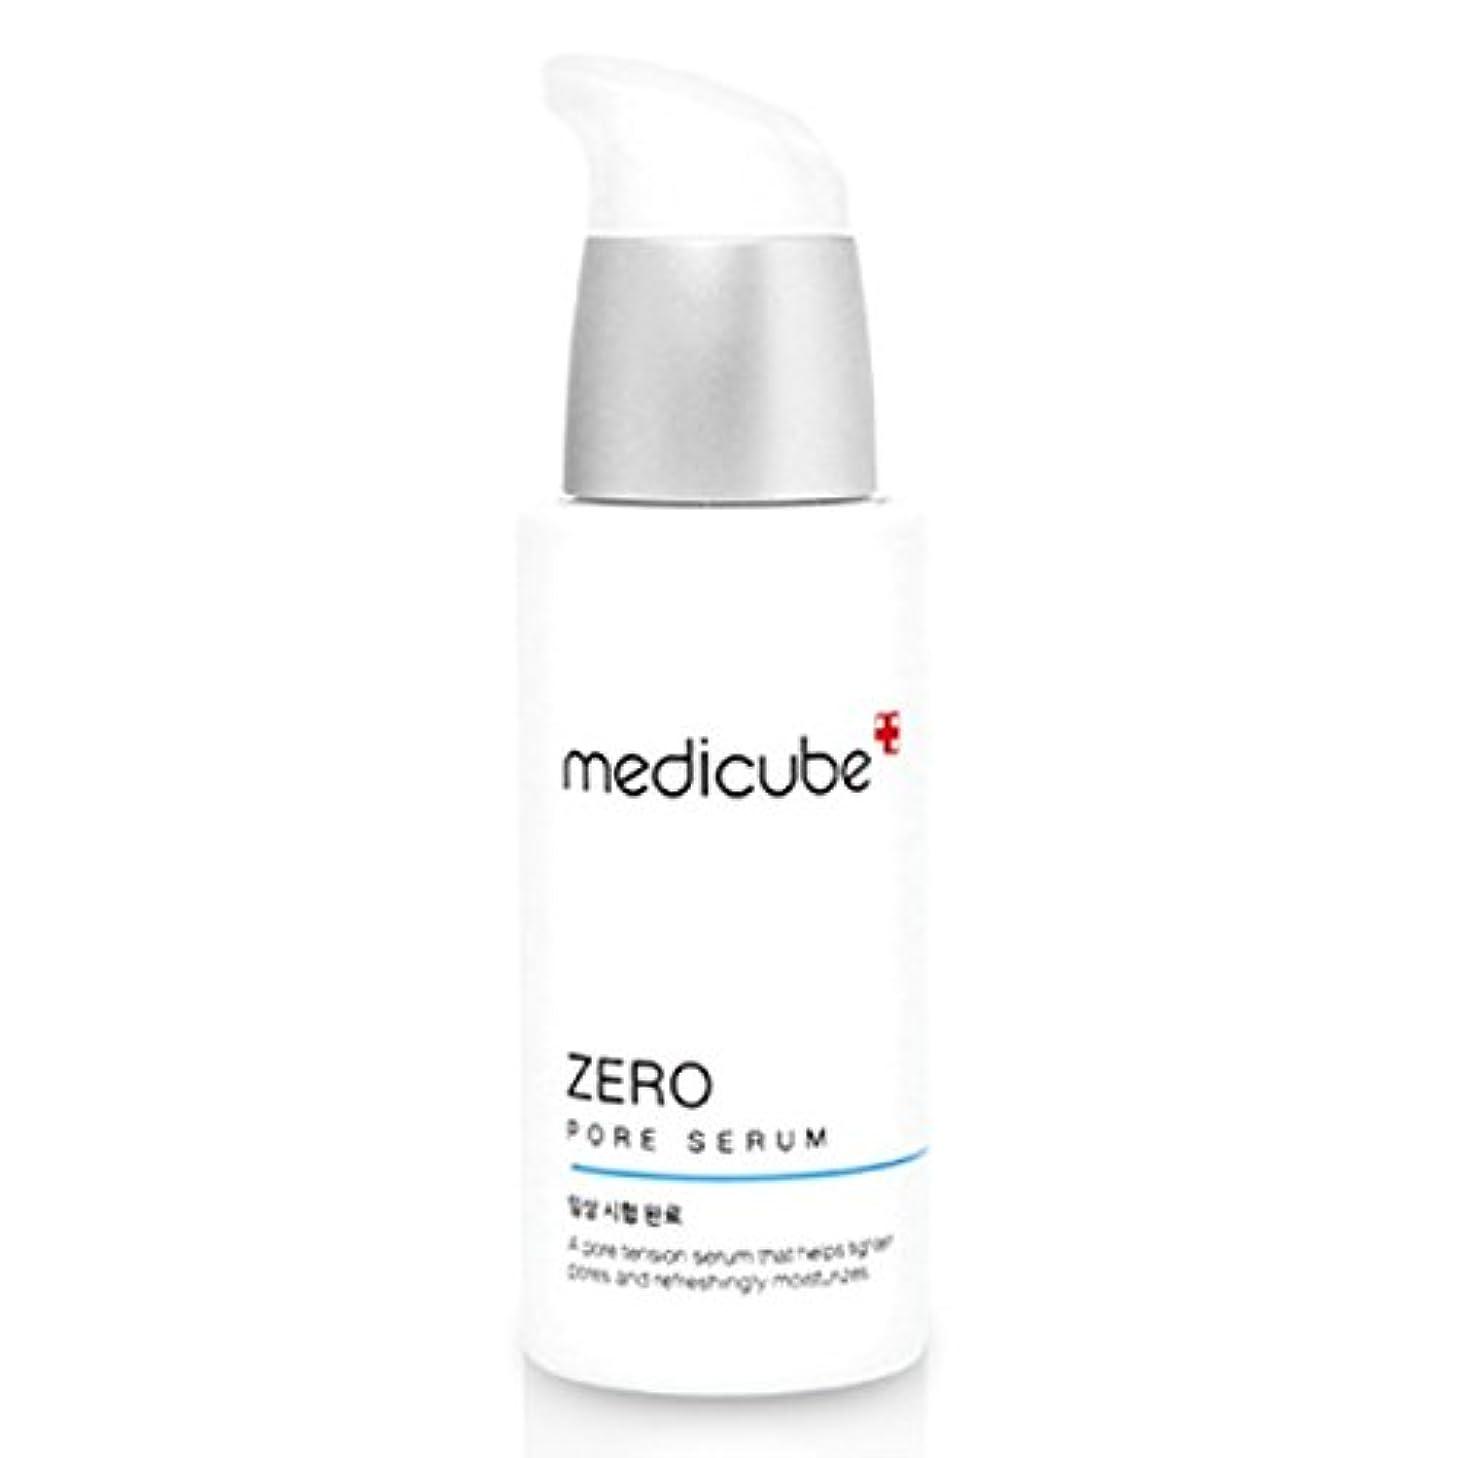 再生いらいらする珍味[Medicube メディキューブ] ゼロポアセラム 27ml / Zero Pore Serum 27ml [並行輸入品]